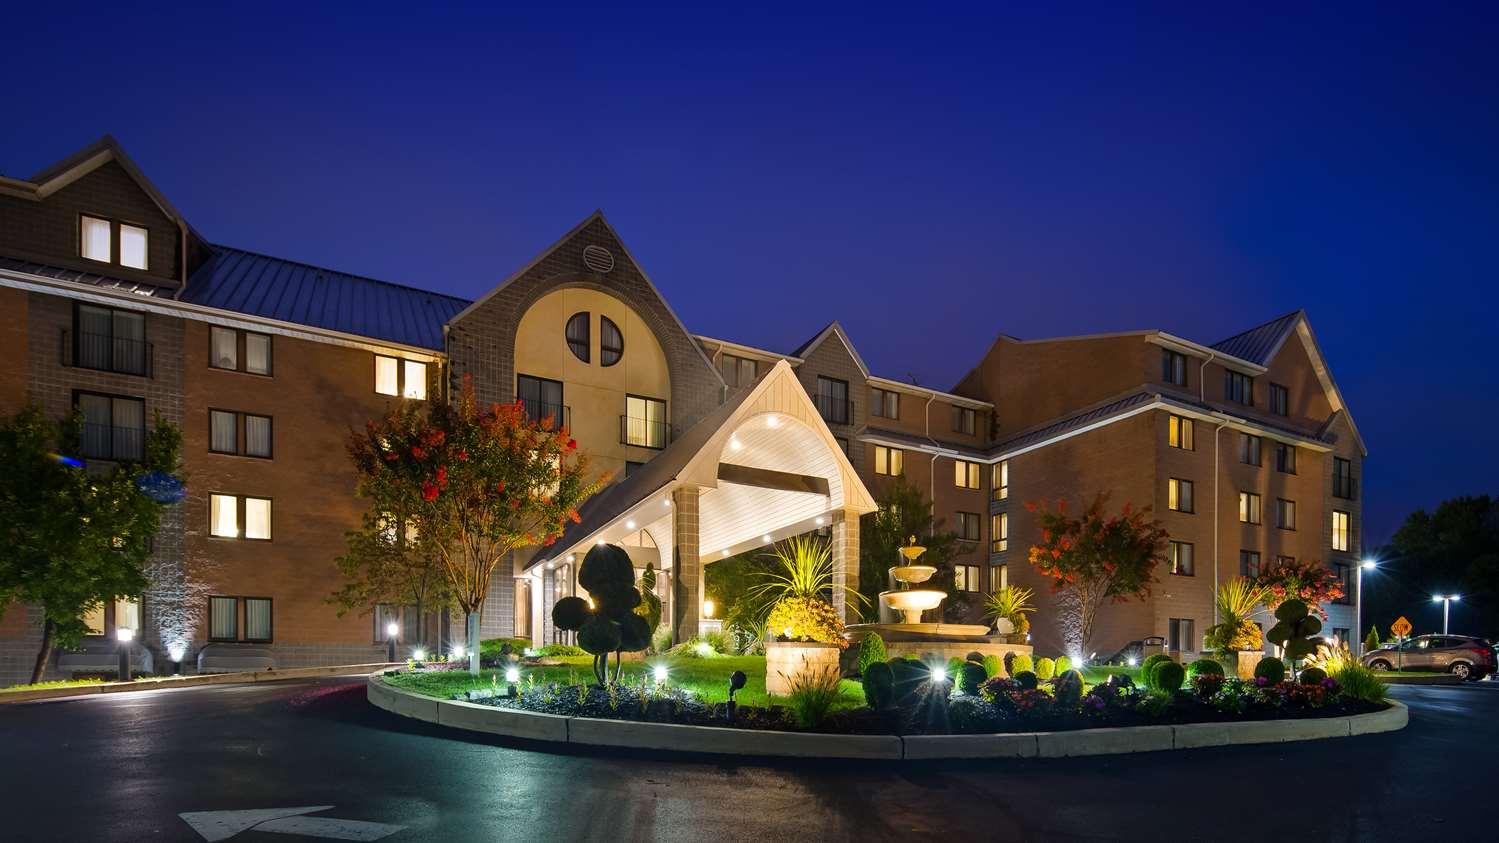 glen mills pa hotel best western plus concordville hotel best western plus concordville